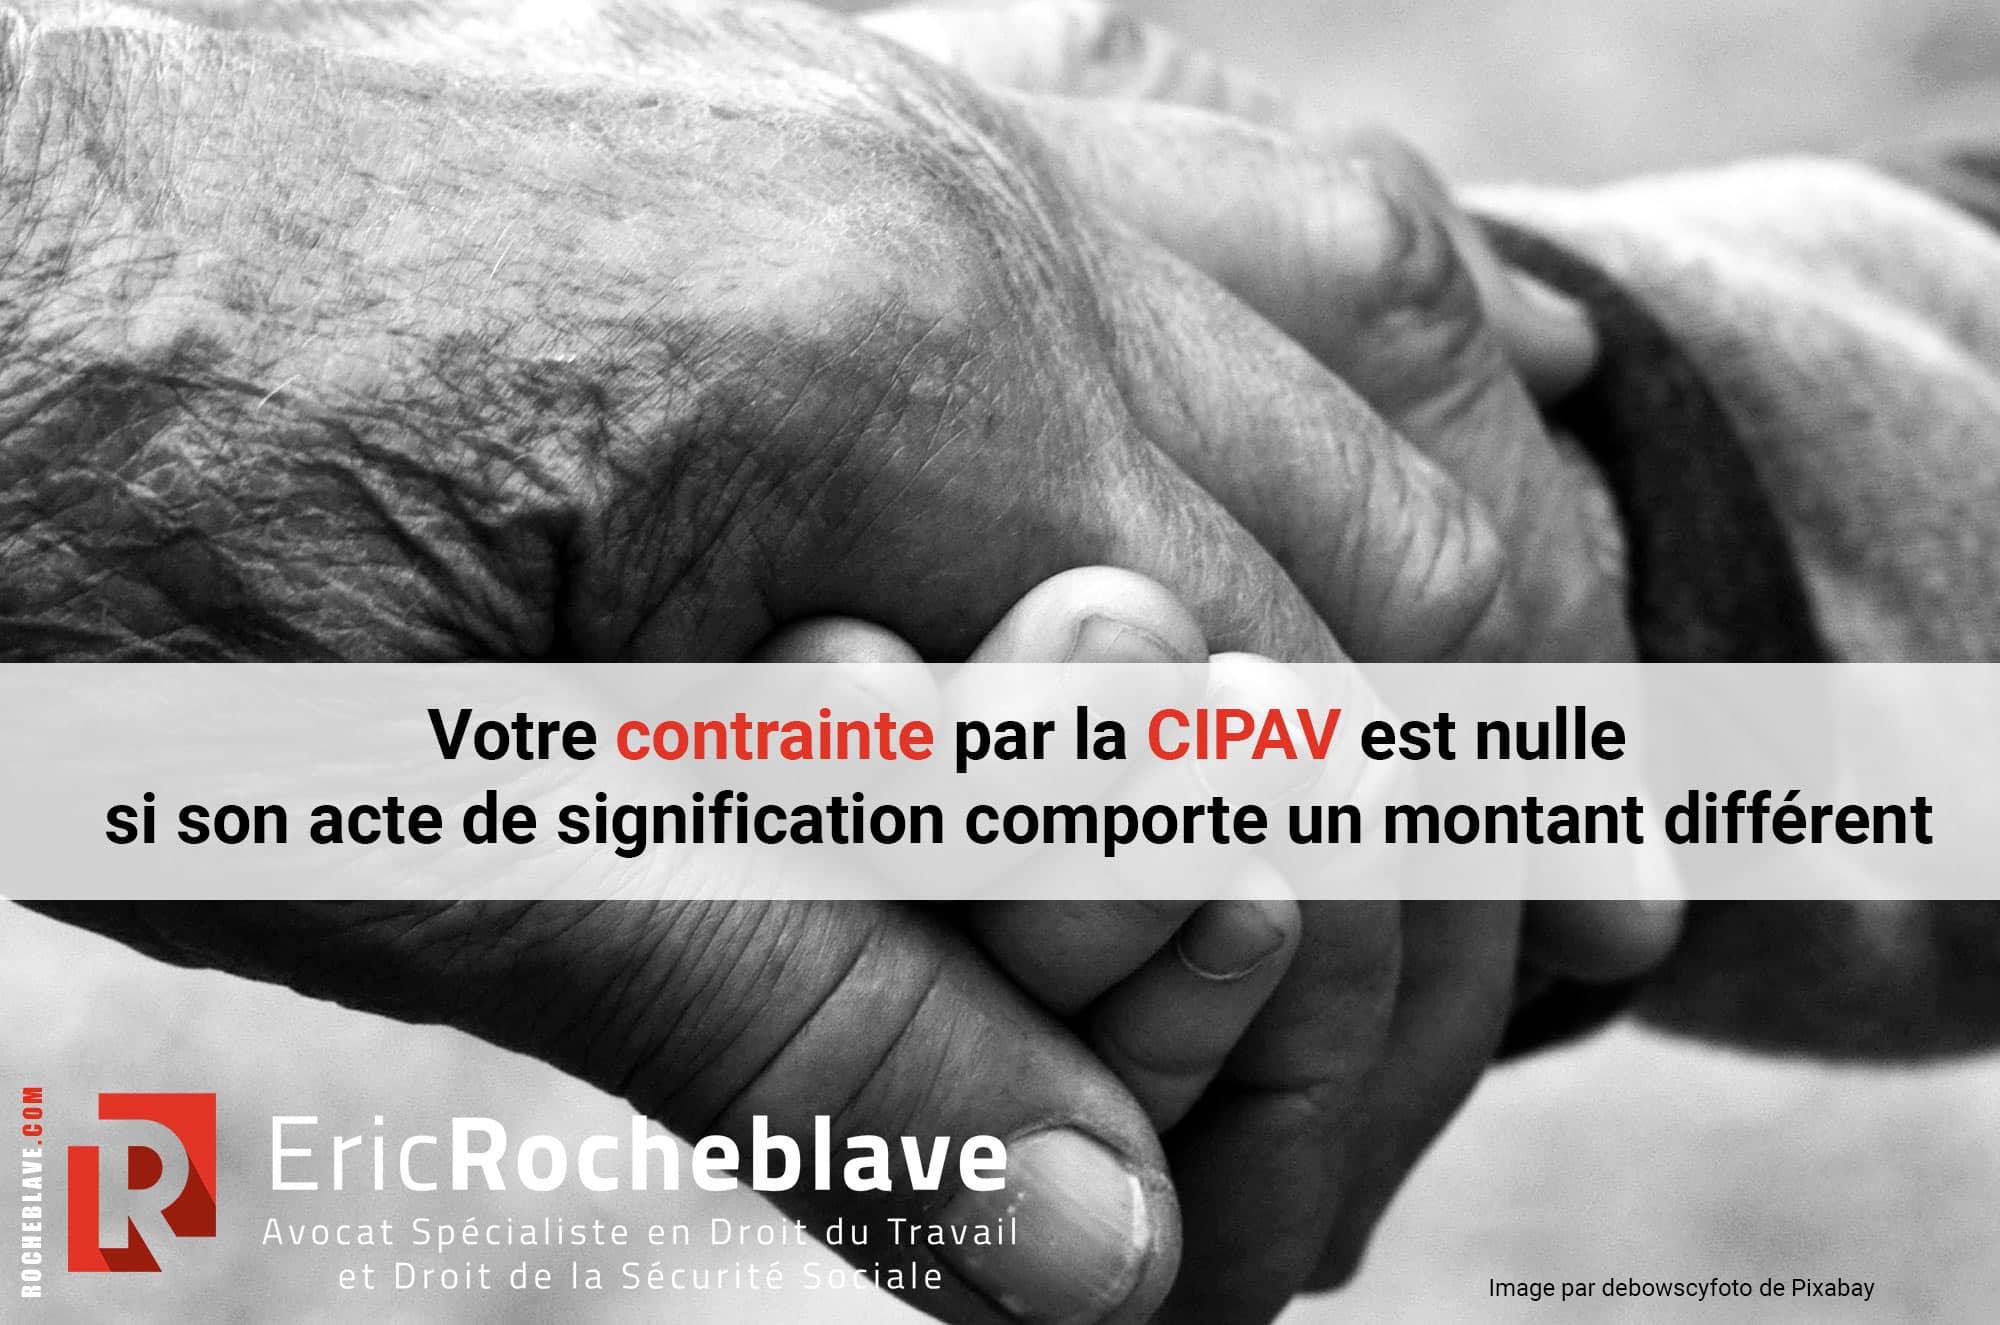 Votre contrainte par la CIPAV est nulle si son acte de signification comporte un montant différent